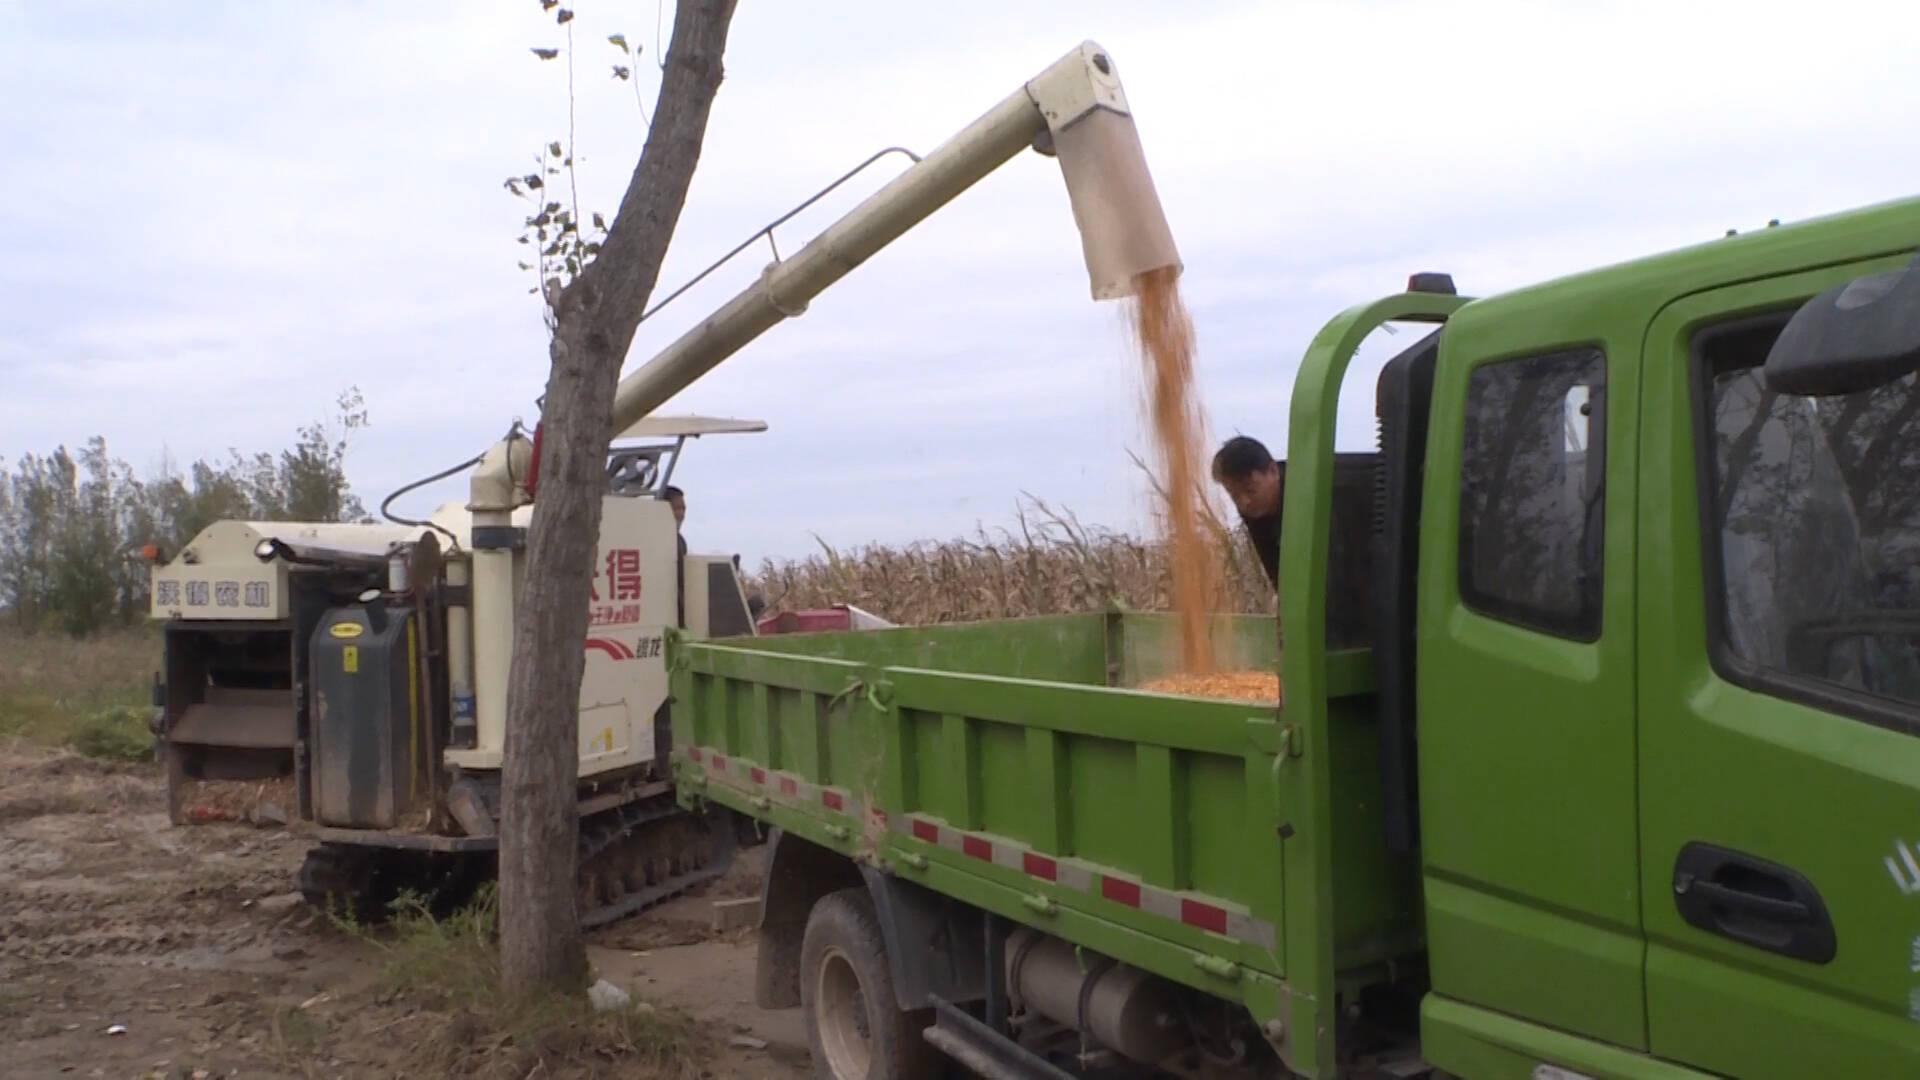 德州平原:人工+机械双渠道抢收,确保玉米颗粒归仓